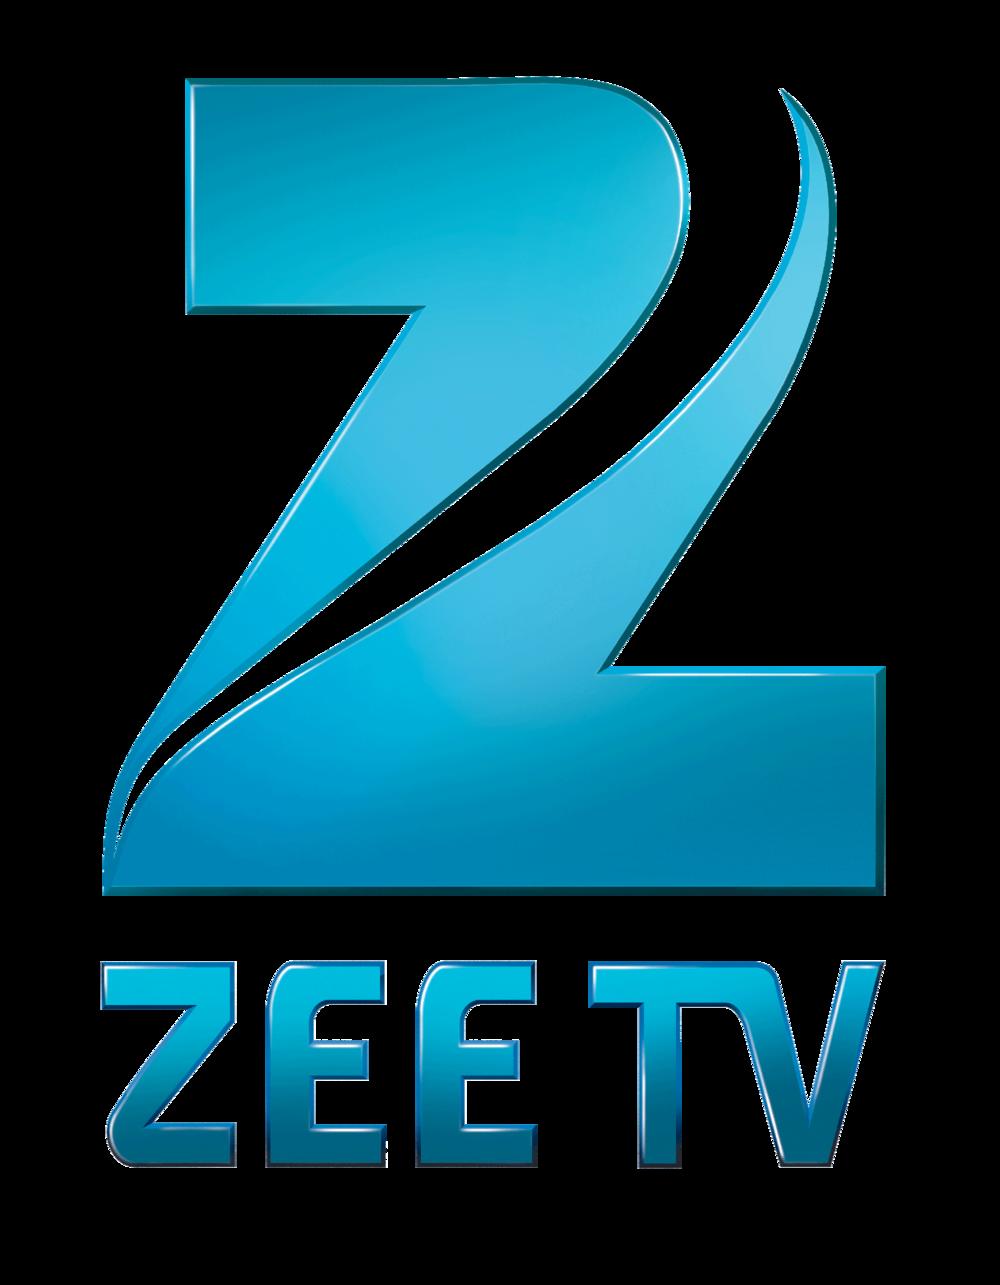 Zee tv.png